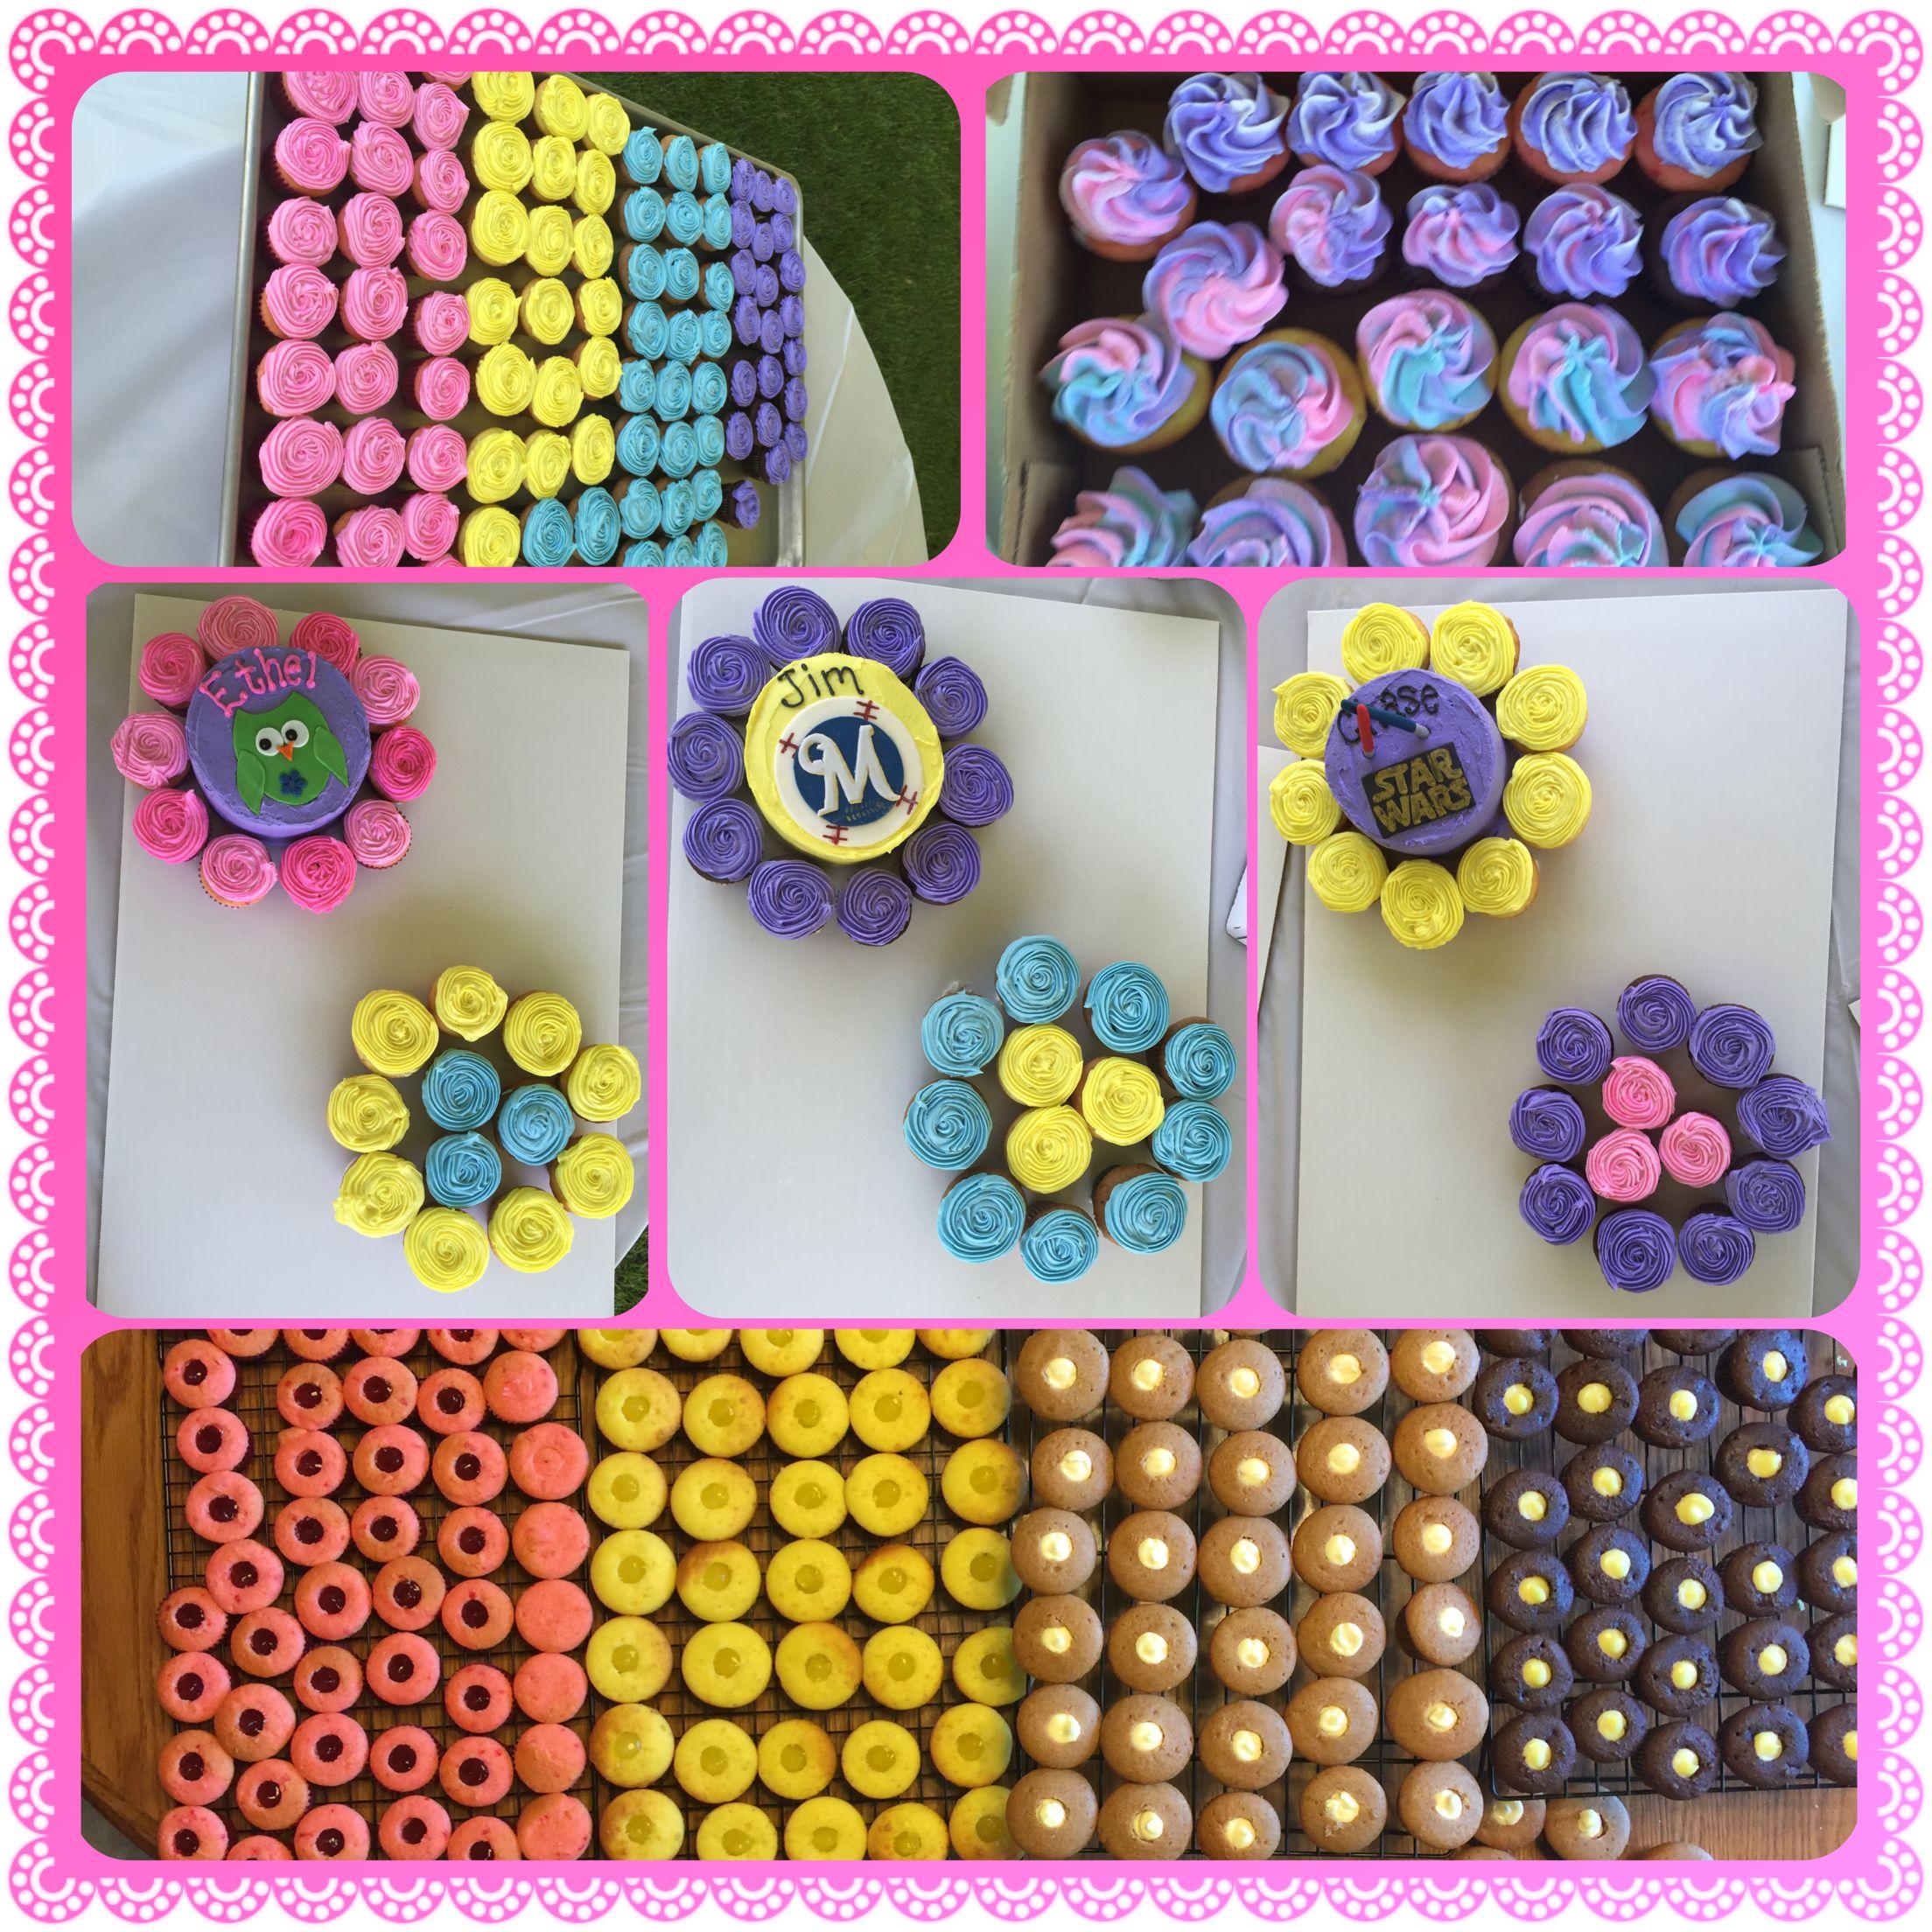 Mini filled wedding cupcakes & mini cakes.  08/15/2015